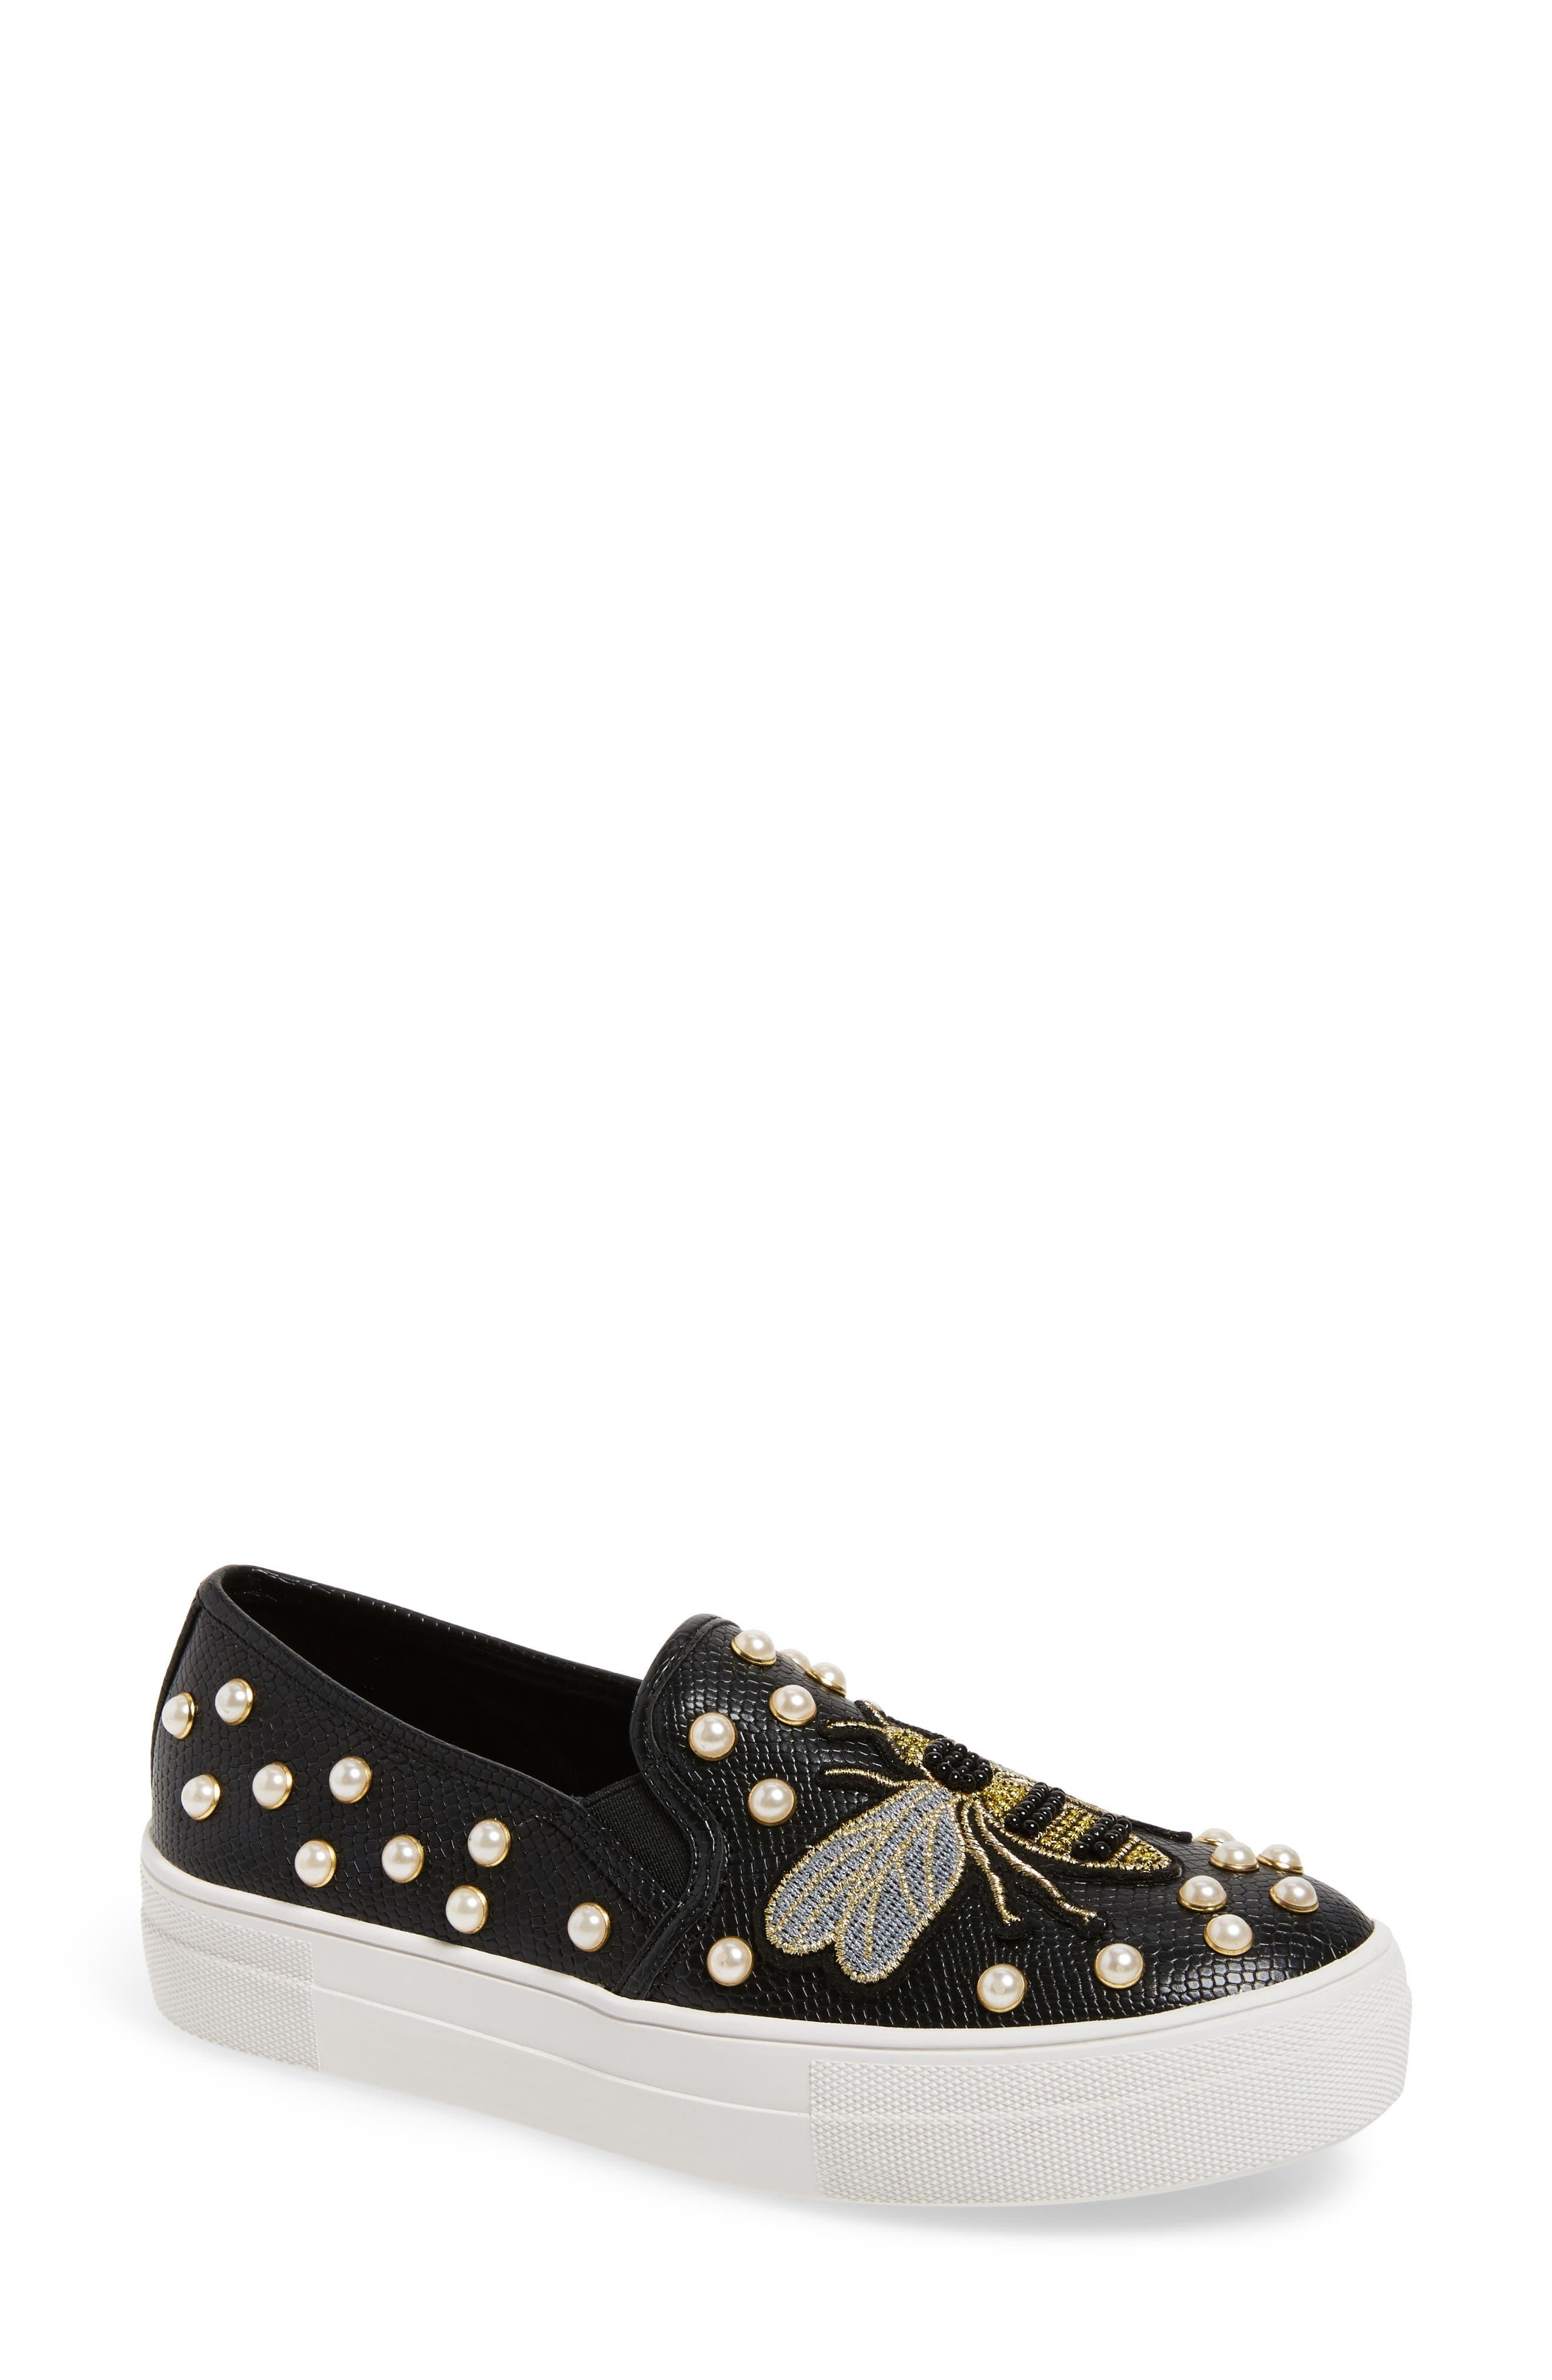 Steve Madden Polly Bee Embellished Slip-On Platform Sneaker (Women)